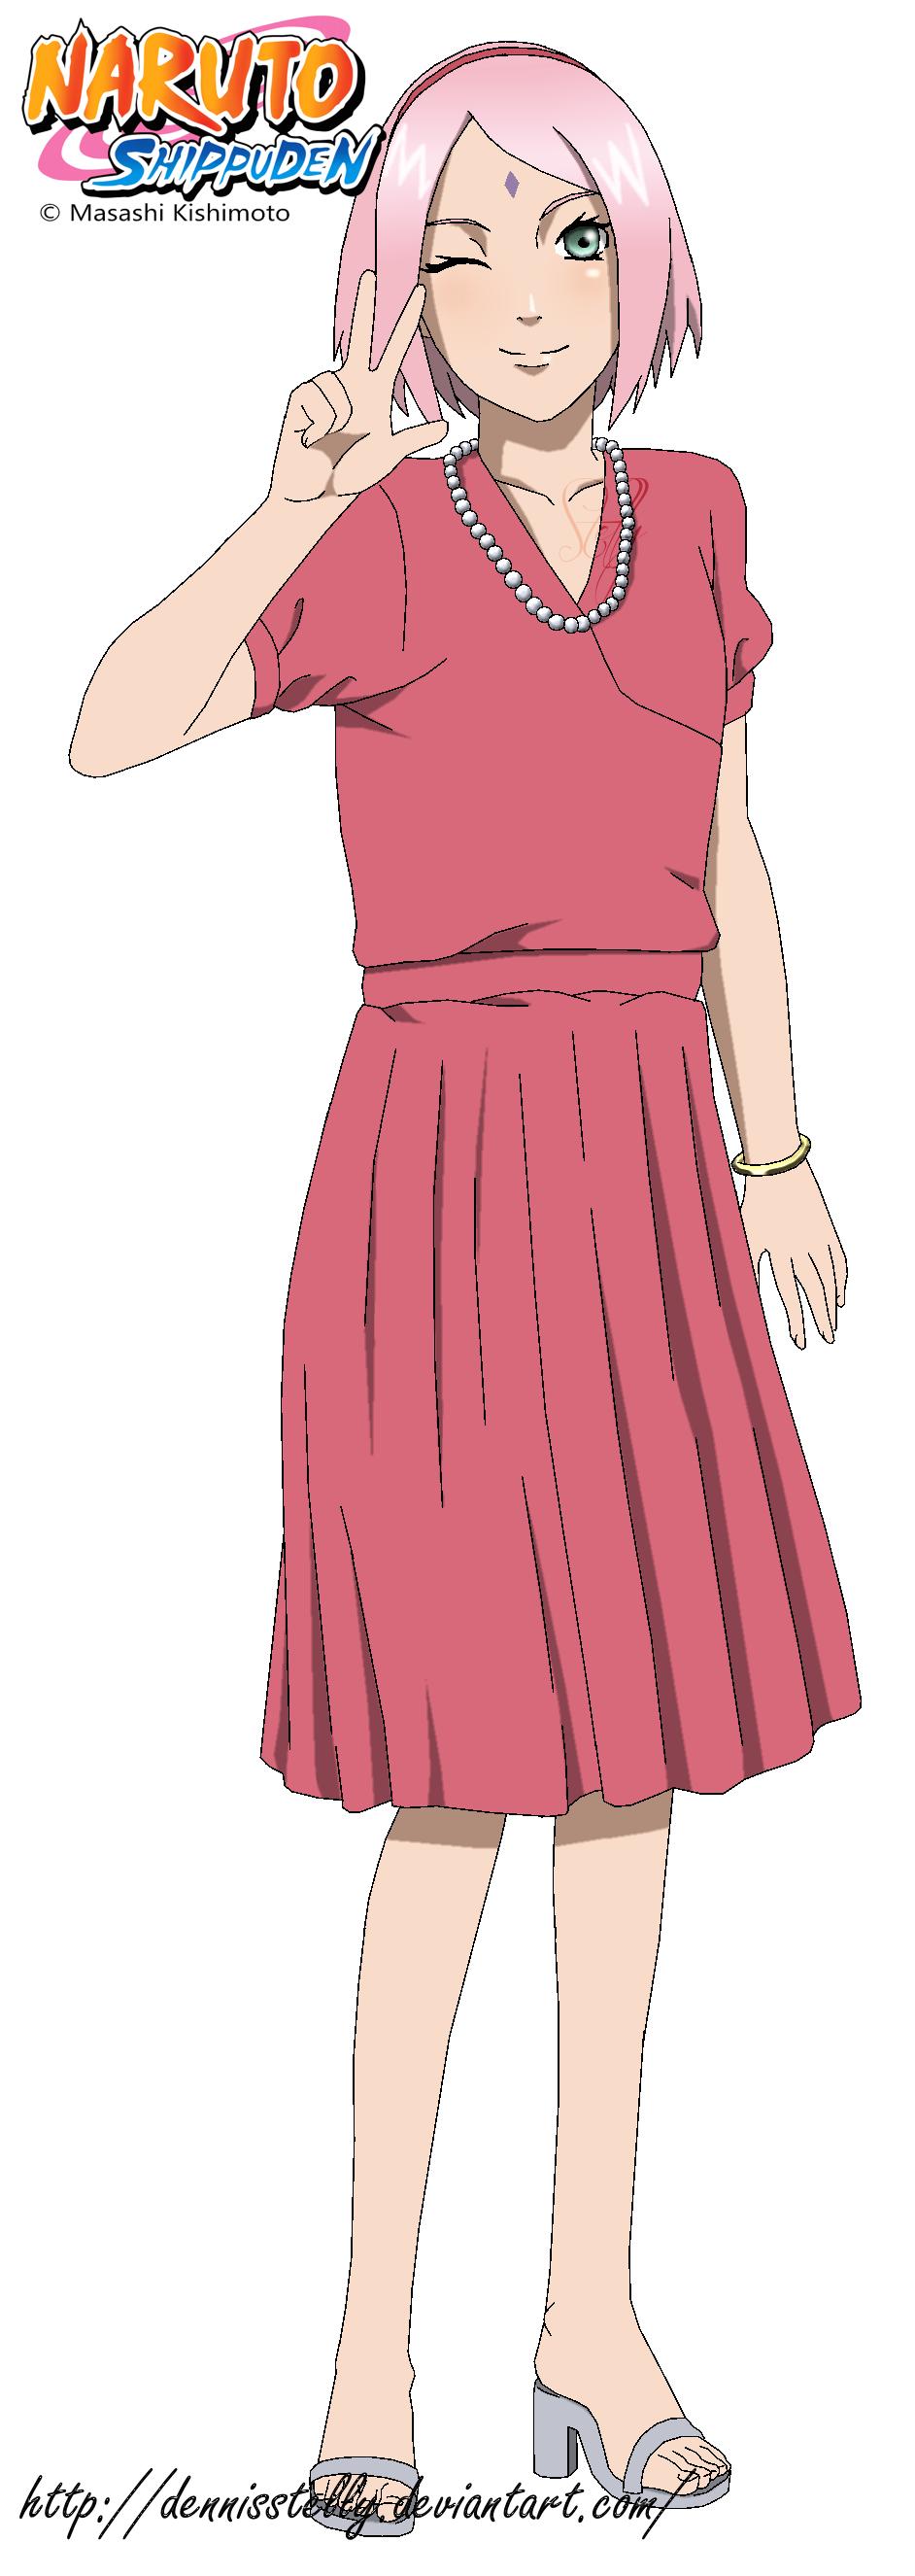 Sakura in Naruto's marriage by DennisStelly on DeviantArt